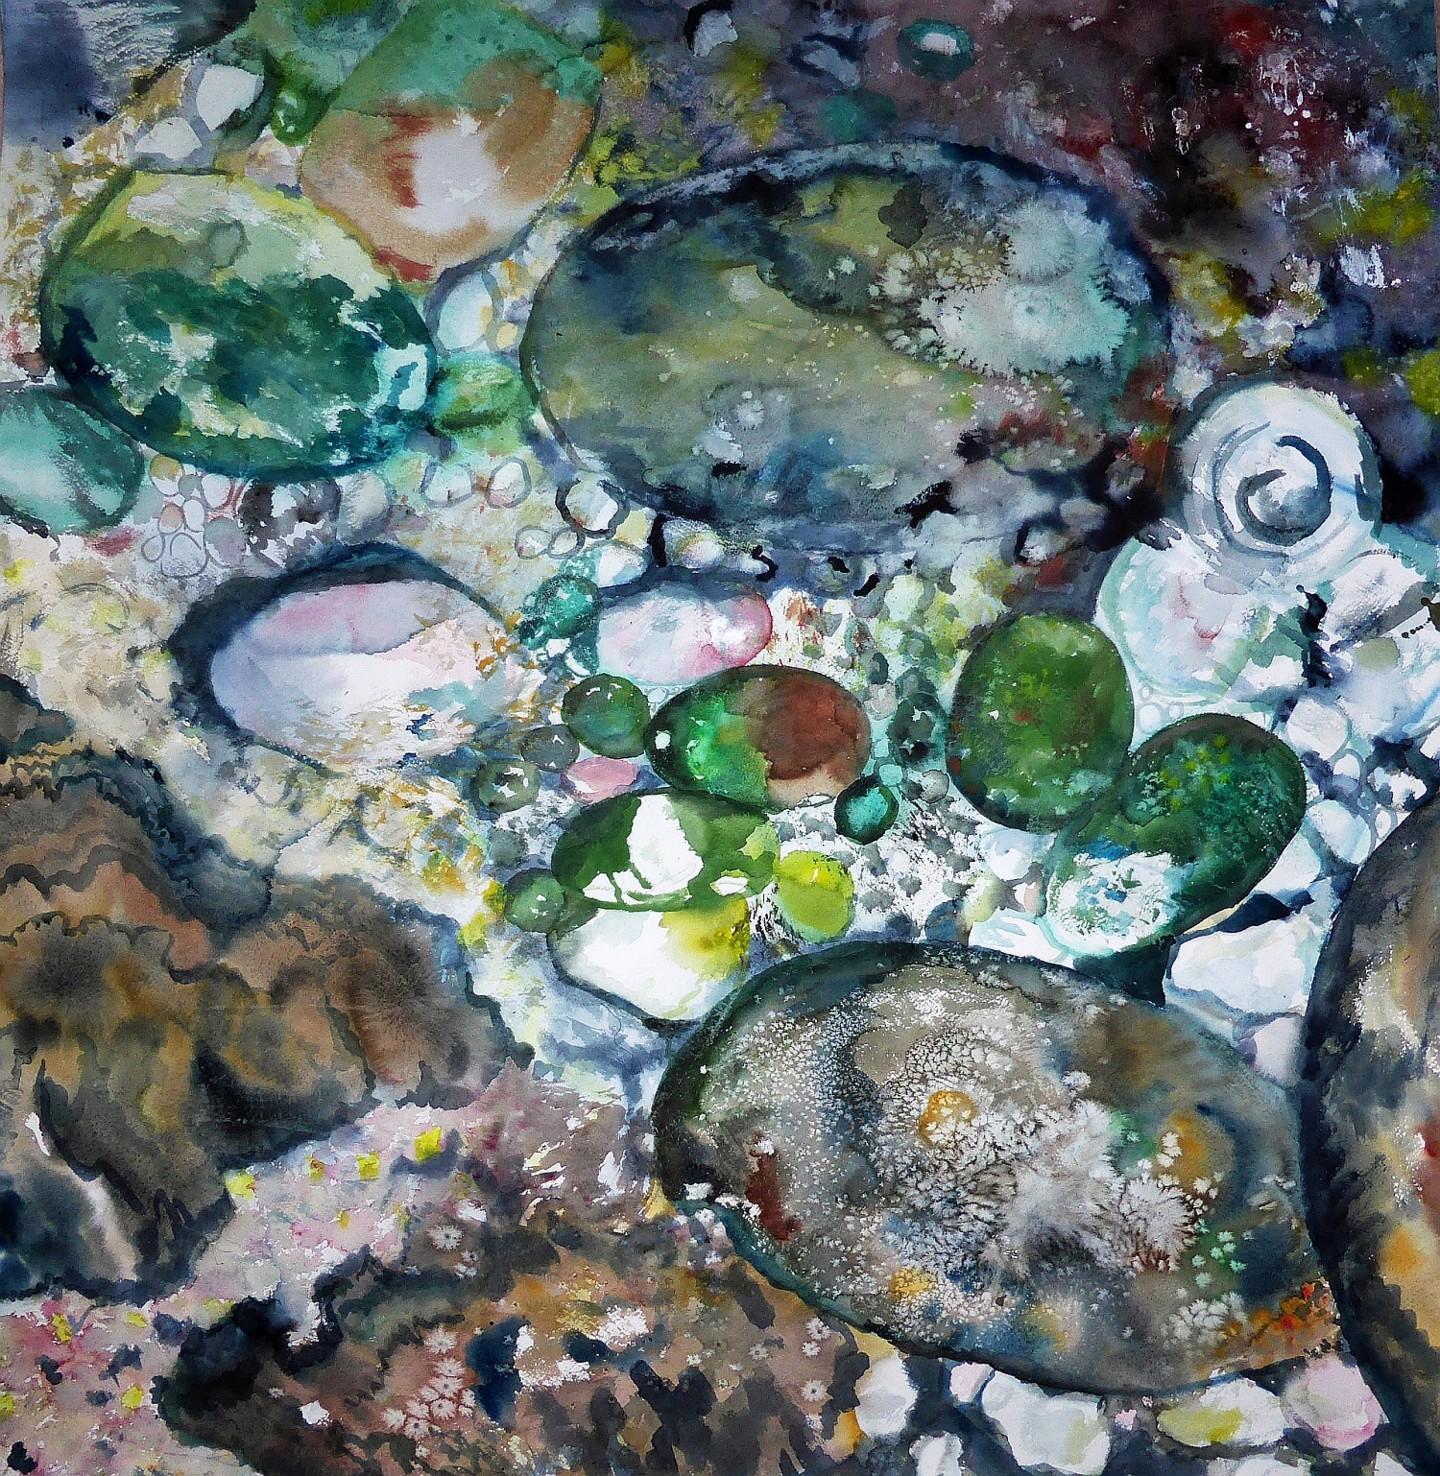 Ann Dunbar - Afloat and sunken